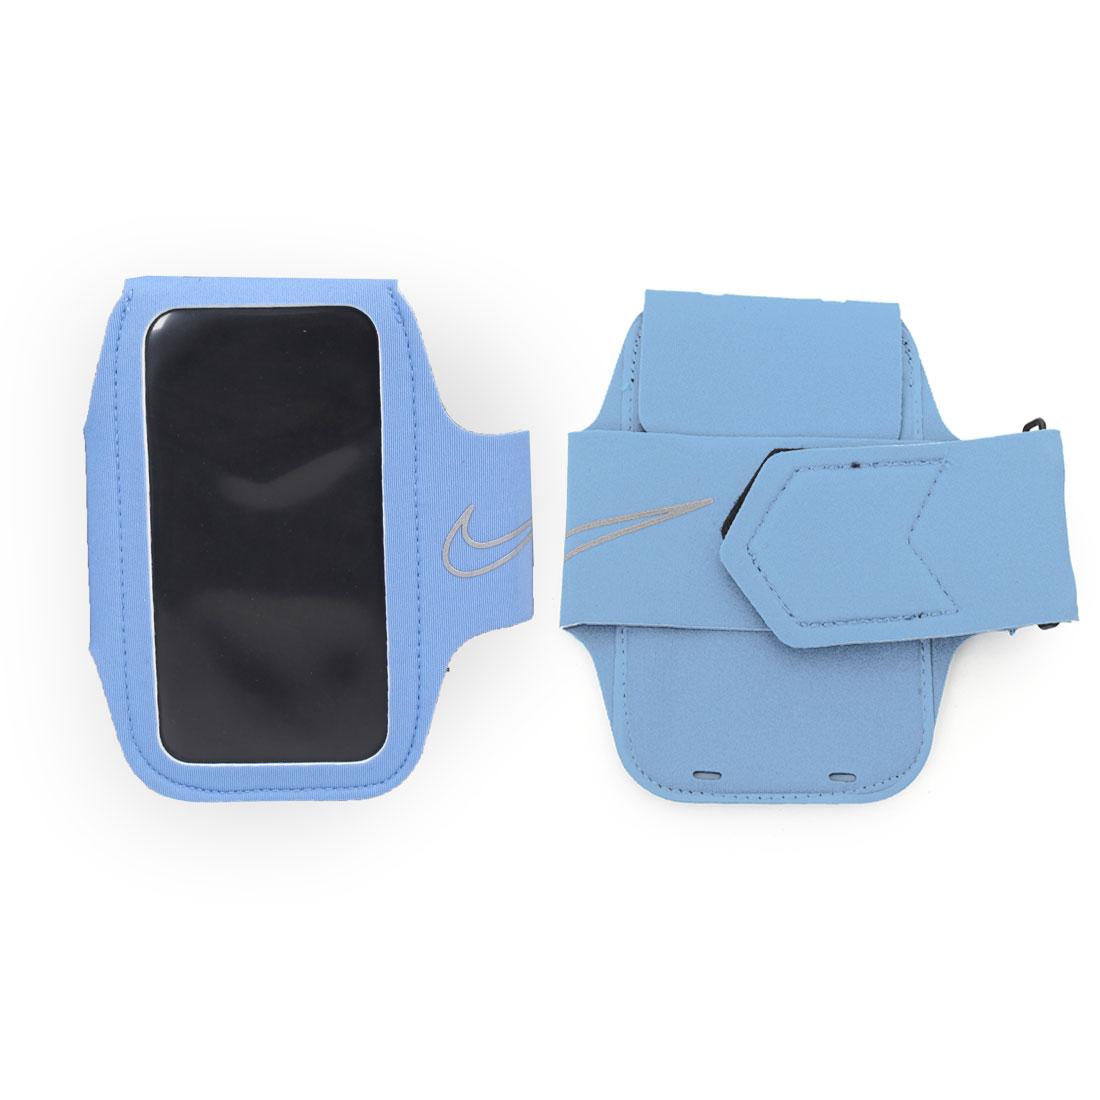 NIKE 輕量萬用臂包2.0  NRN43001OS - 淺藍銀